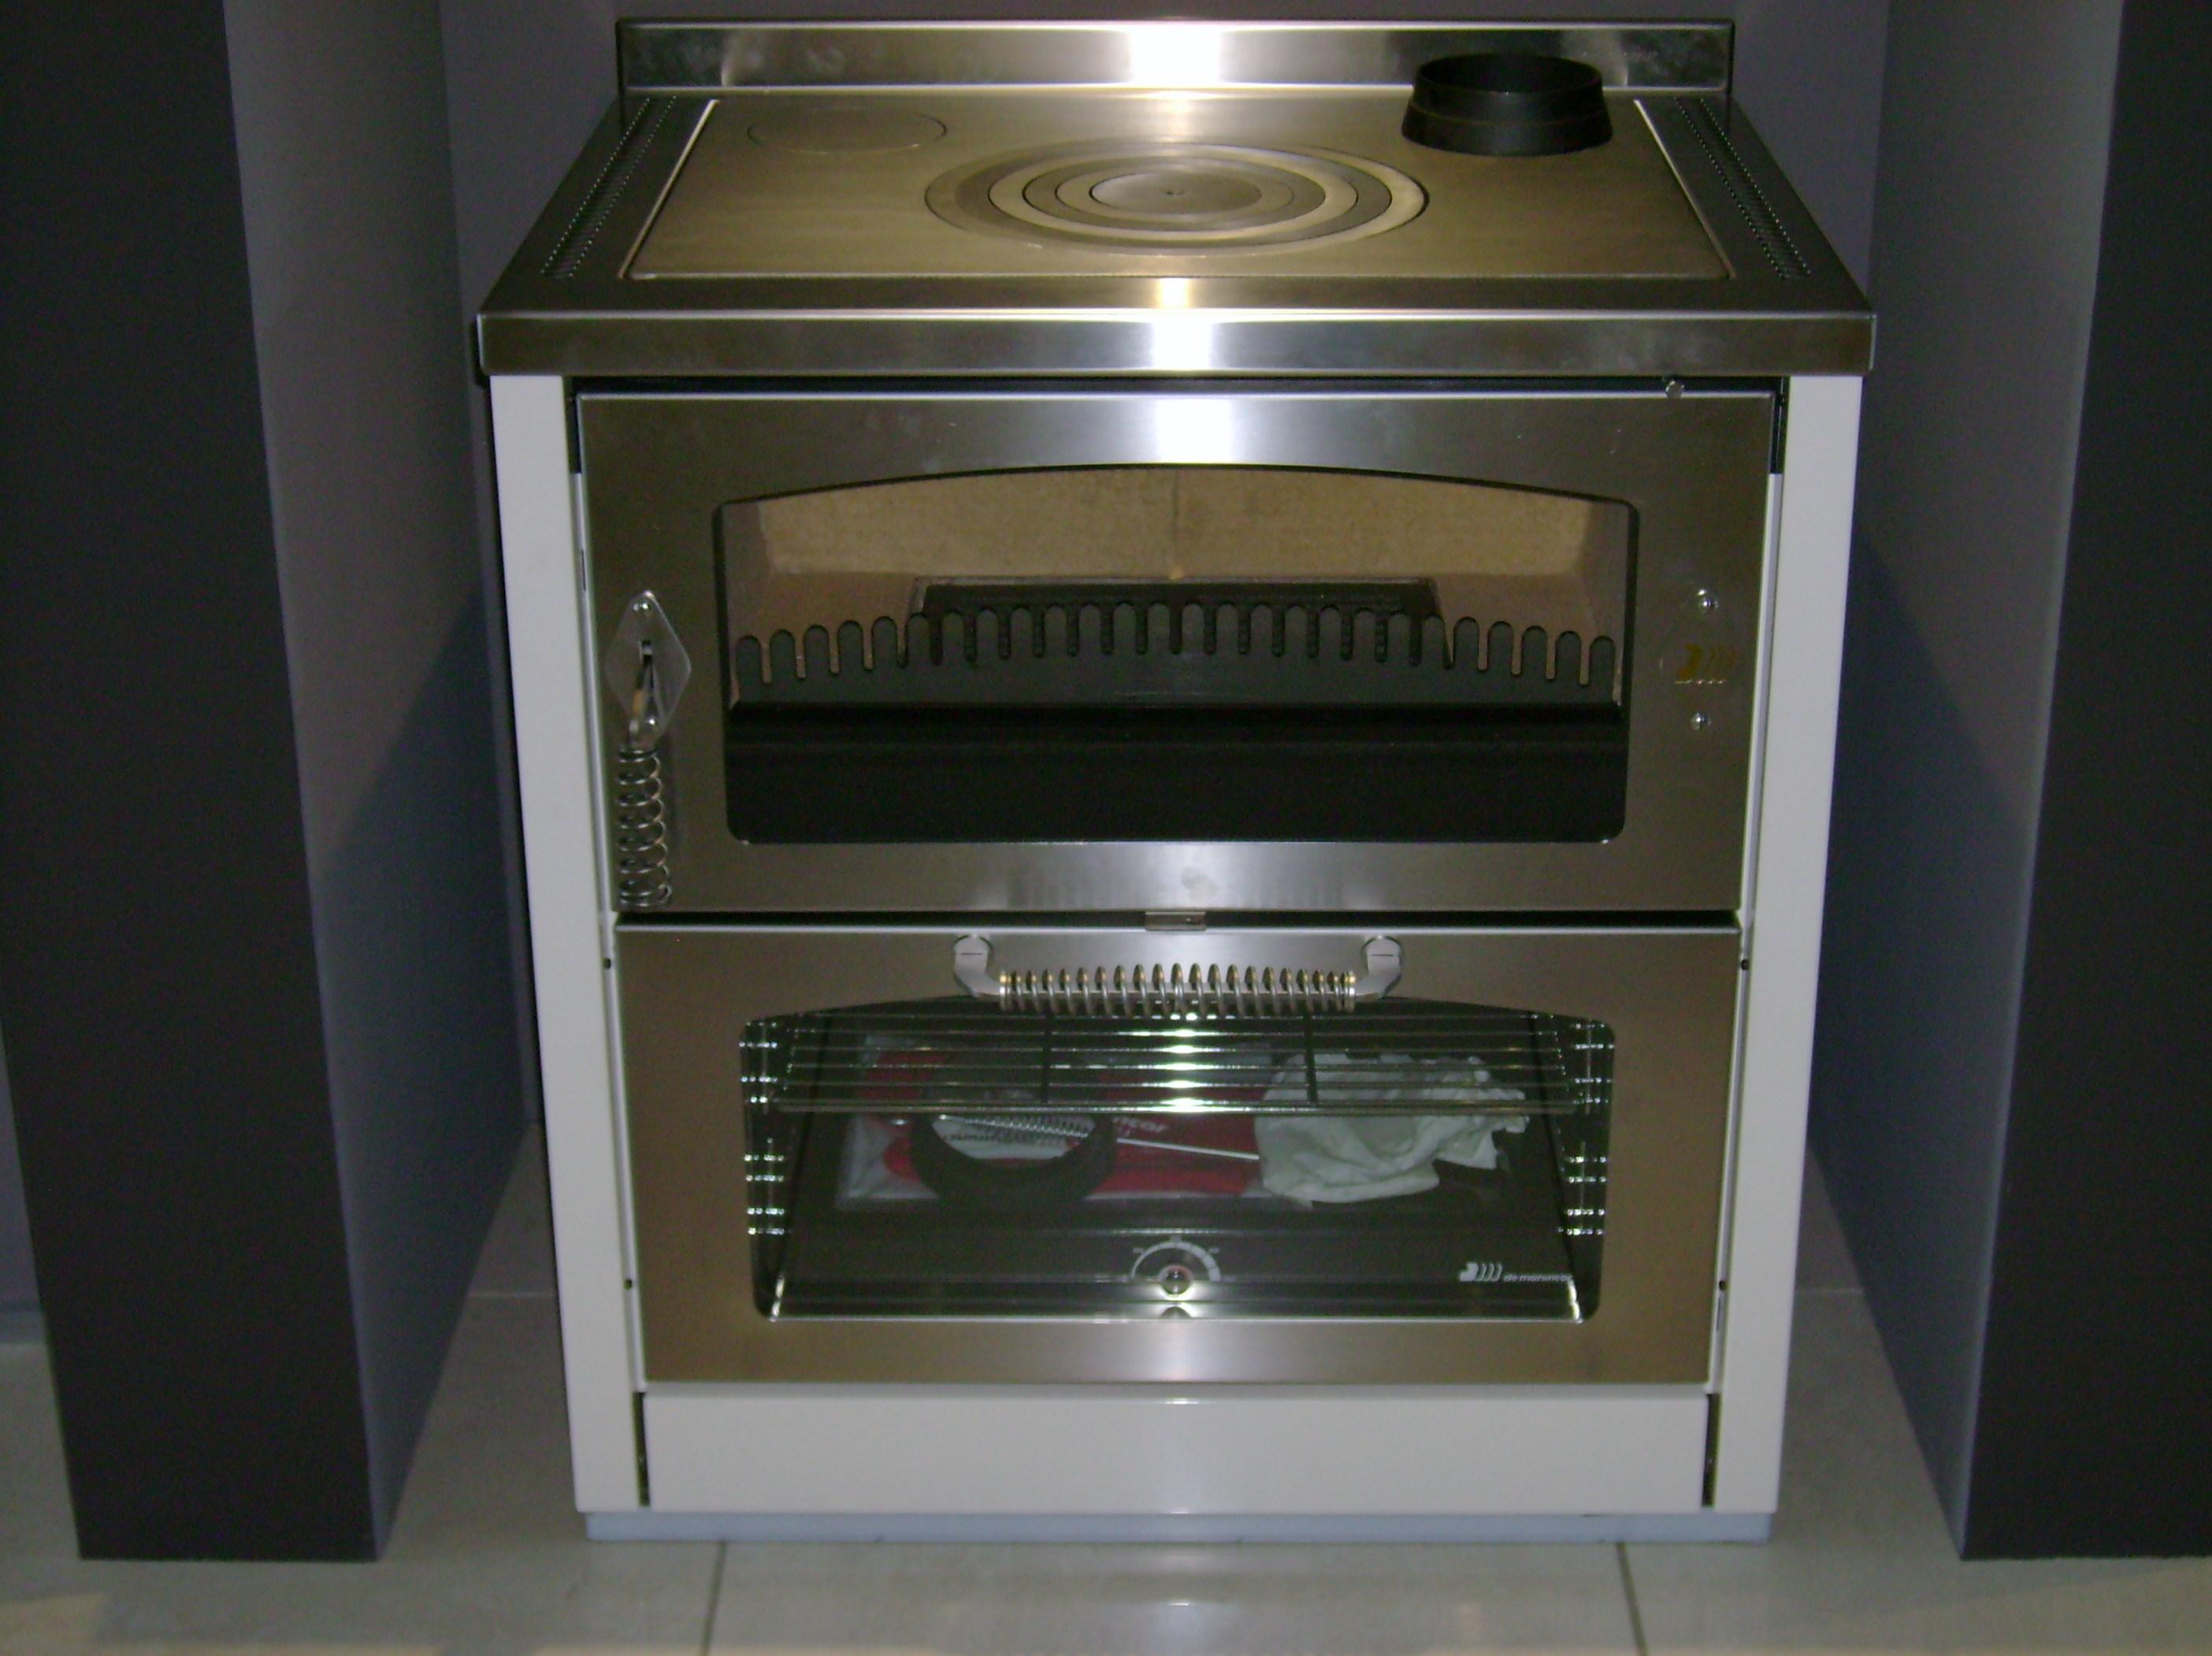 Cucina a legna De Manincor Domino 8 Maxi prezzo